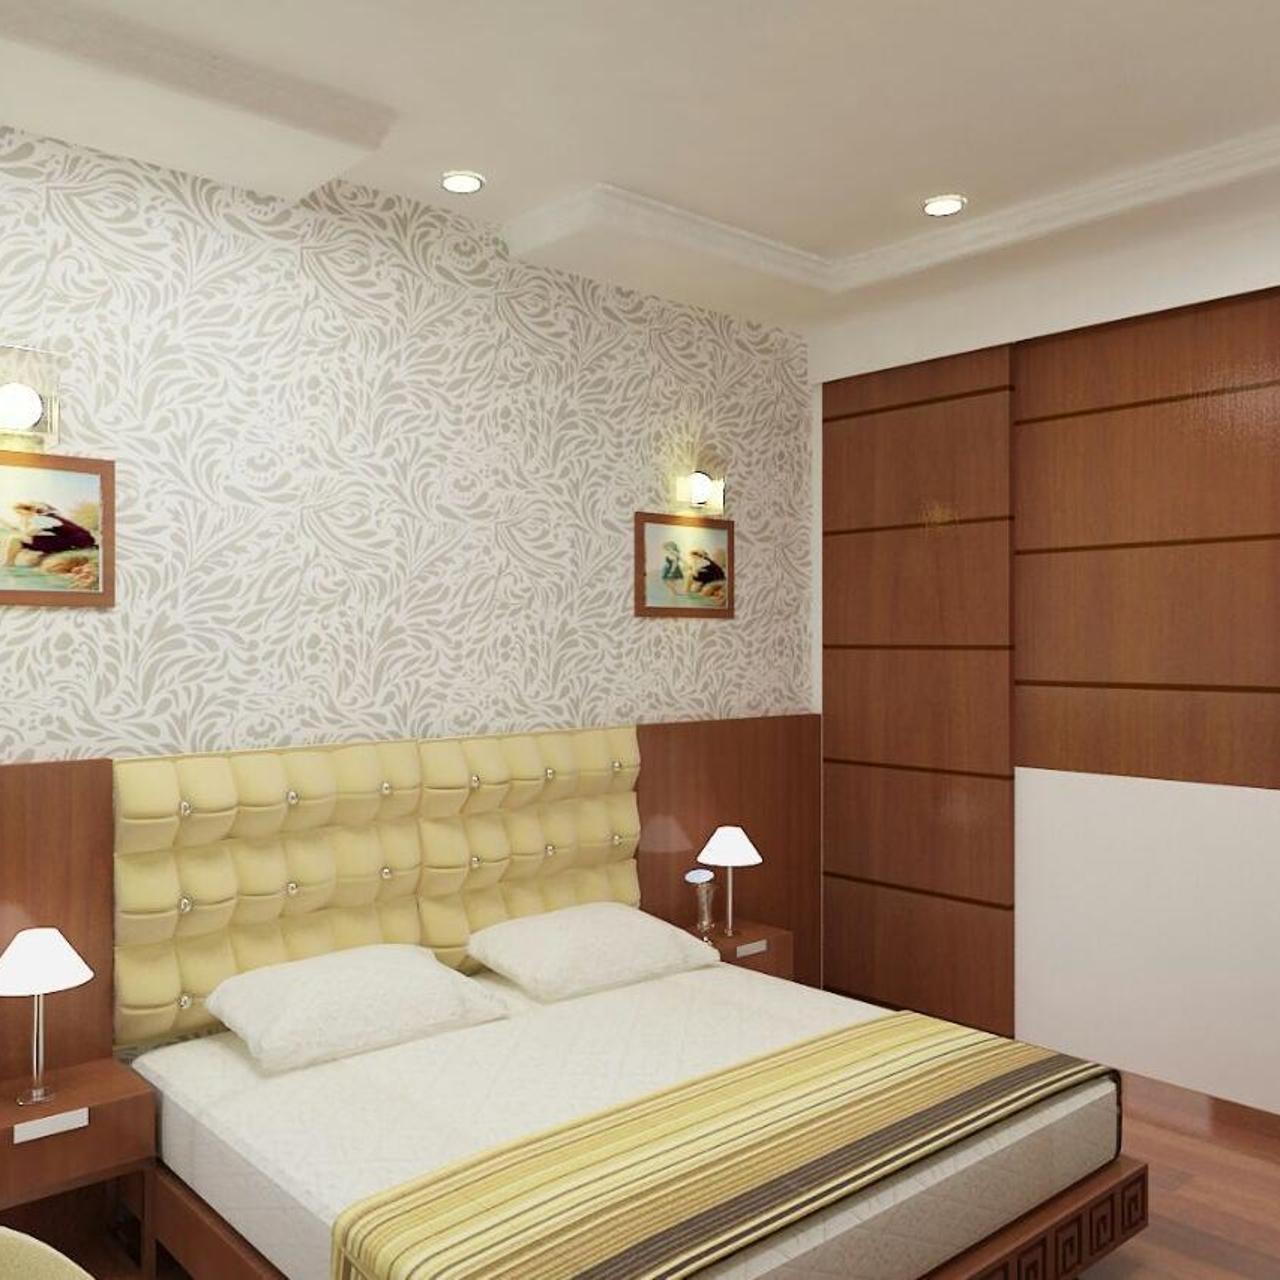 Hotel Signature Grand Indien Bei Hrs Mit Gratis Leistungen